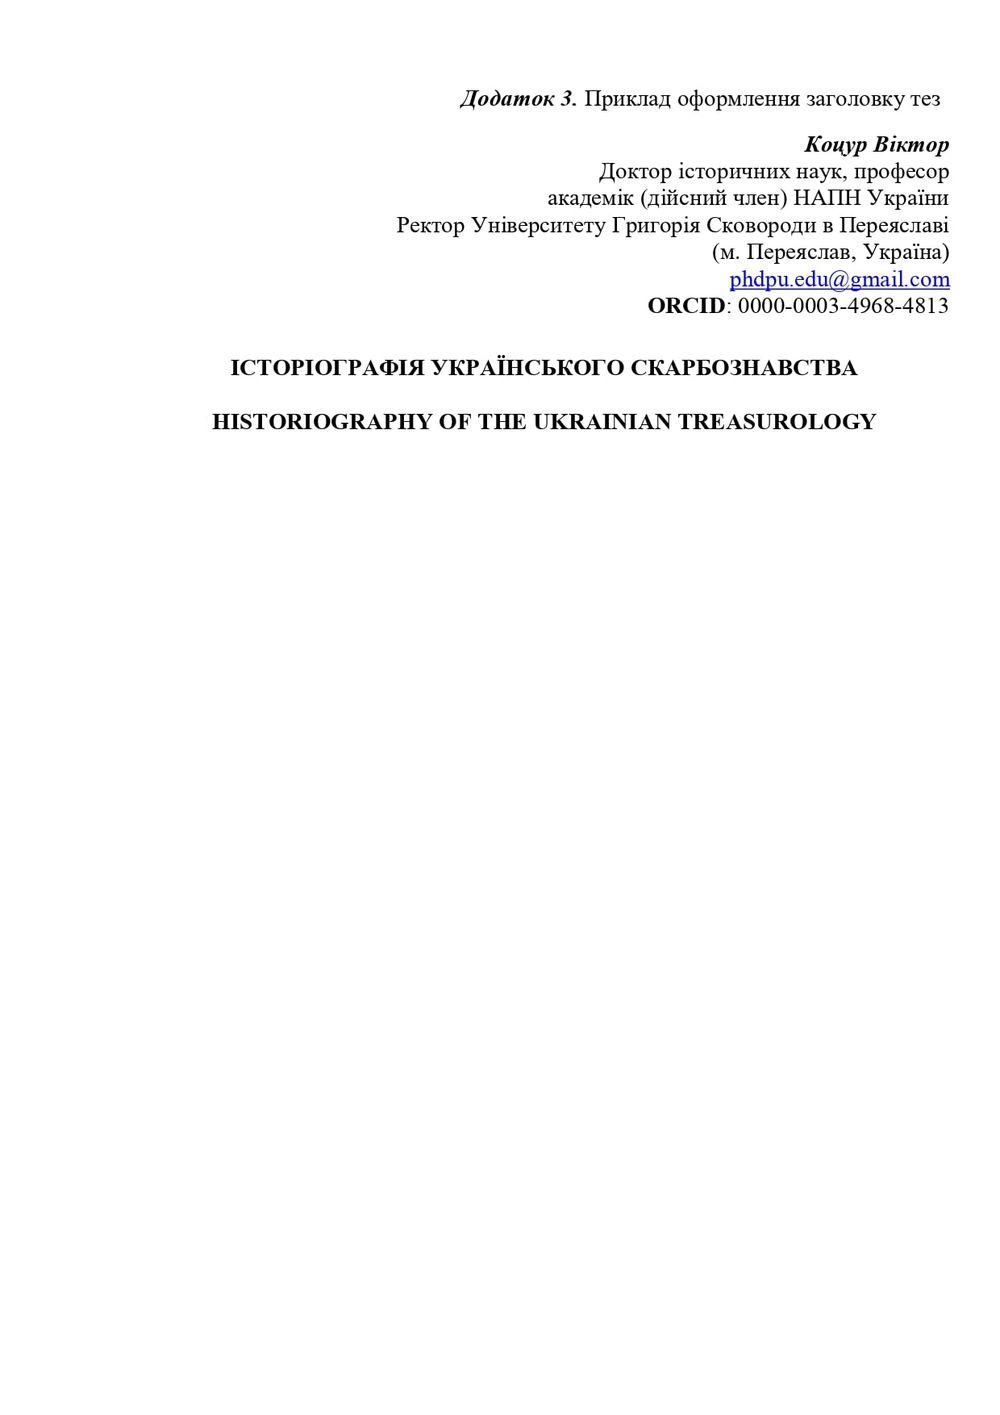 VІ Міжнародна науково-практична конференція «АКТУАЛЬНІ ПРОБЛЕМИ НУМІЗМАТИКИ У СИСТЕМІ СПЕЦІАЛЬНИХ ГАЛУЗЕЙ ІСТОРИЧНОЇ НАУКИ». Приклад оформлення заголовку тез